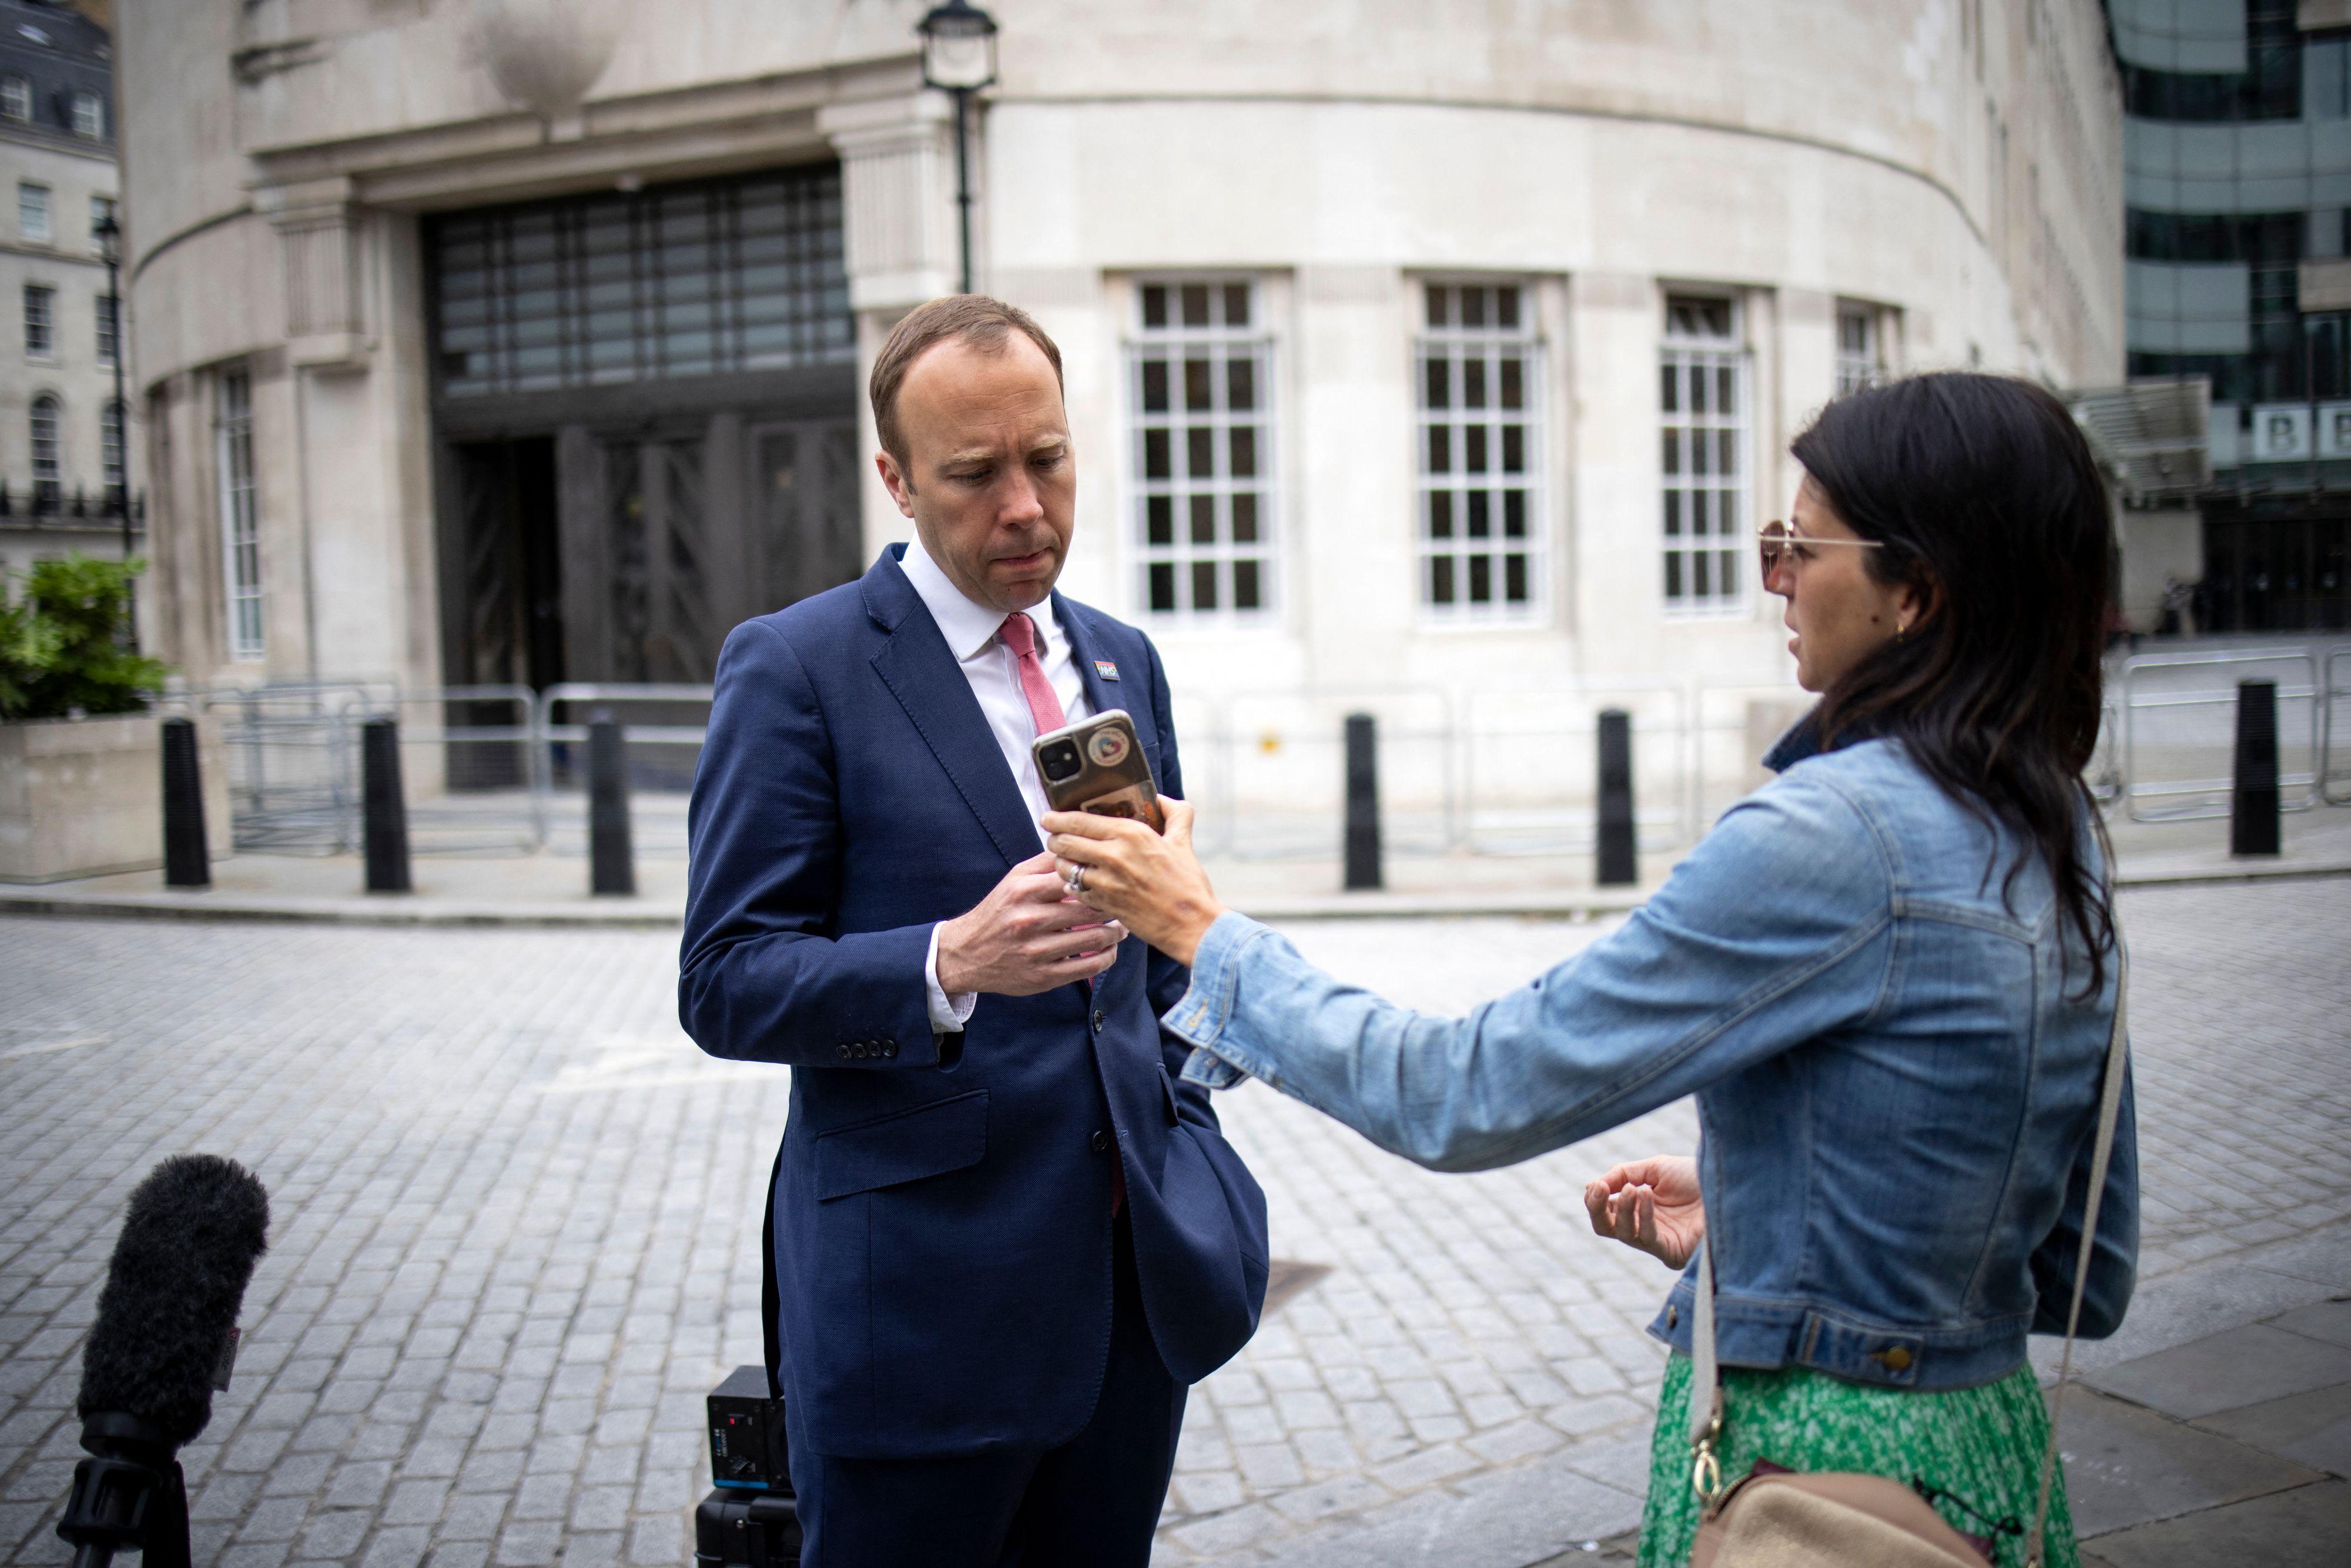 İngiltere bu haberle çalkalanıyor! Sağlık Bakanı Matt Hancock'tan skandal! Bakanlık binasında basıldı: 15 yıllık eşini, danışmanıyla aldattı!